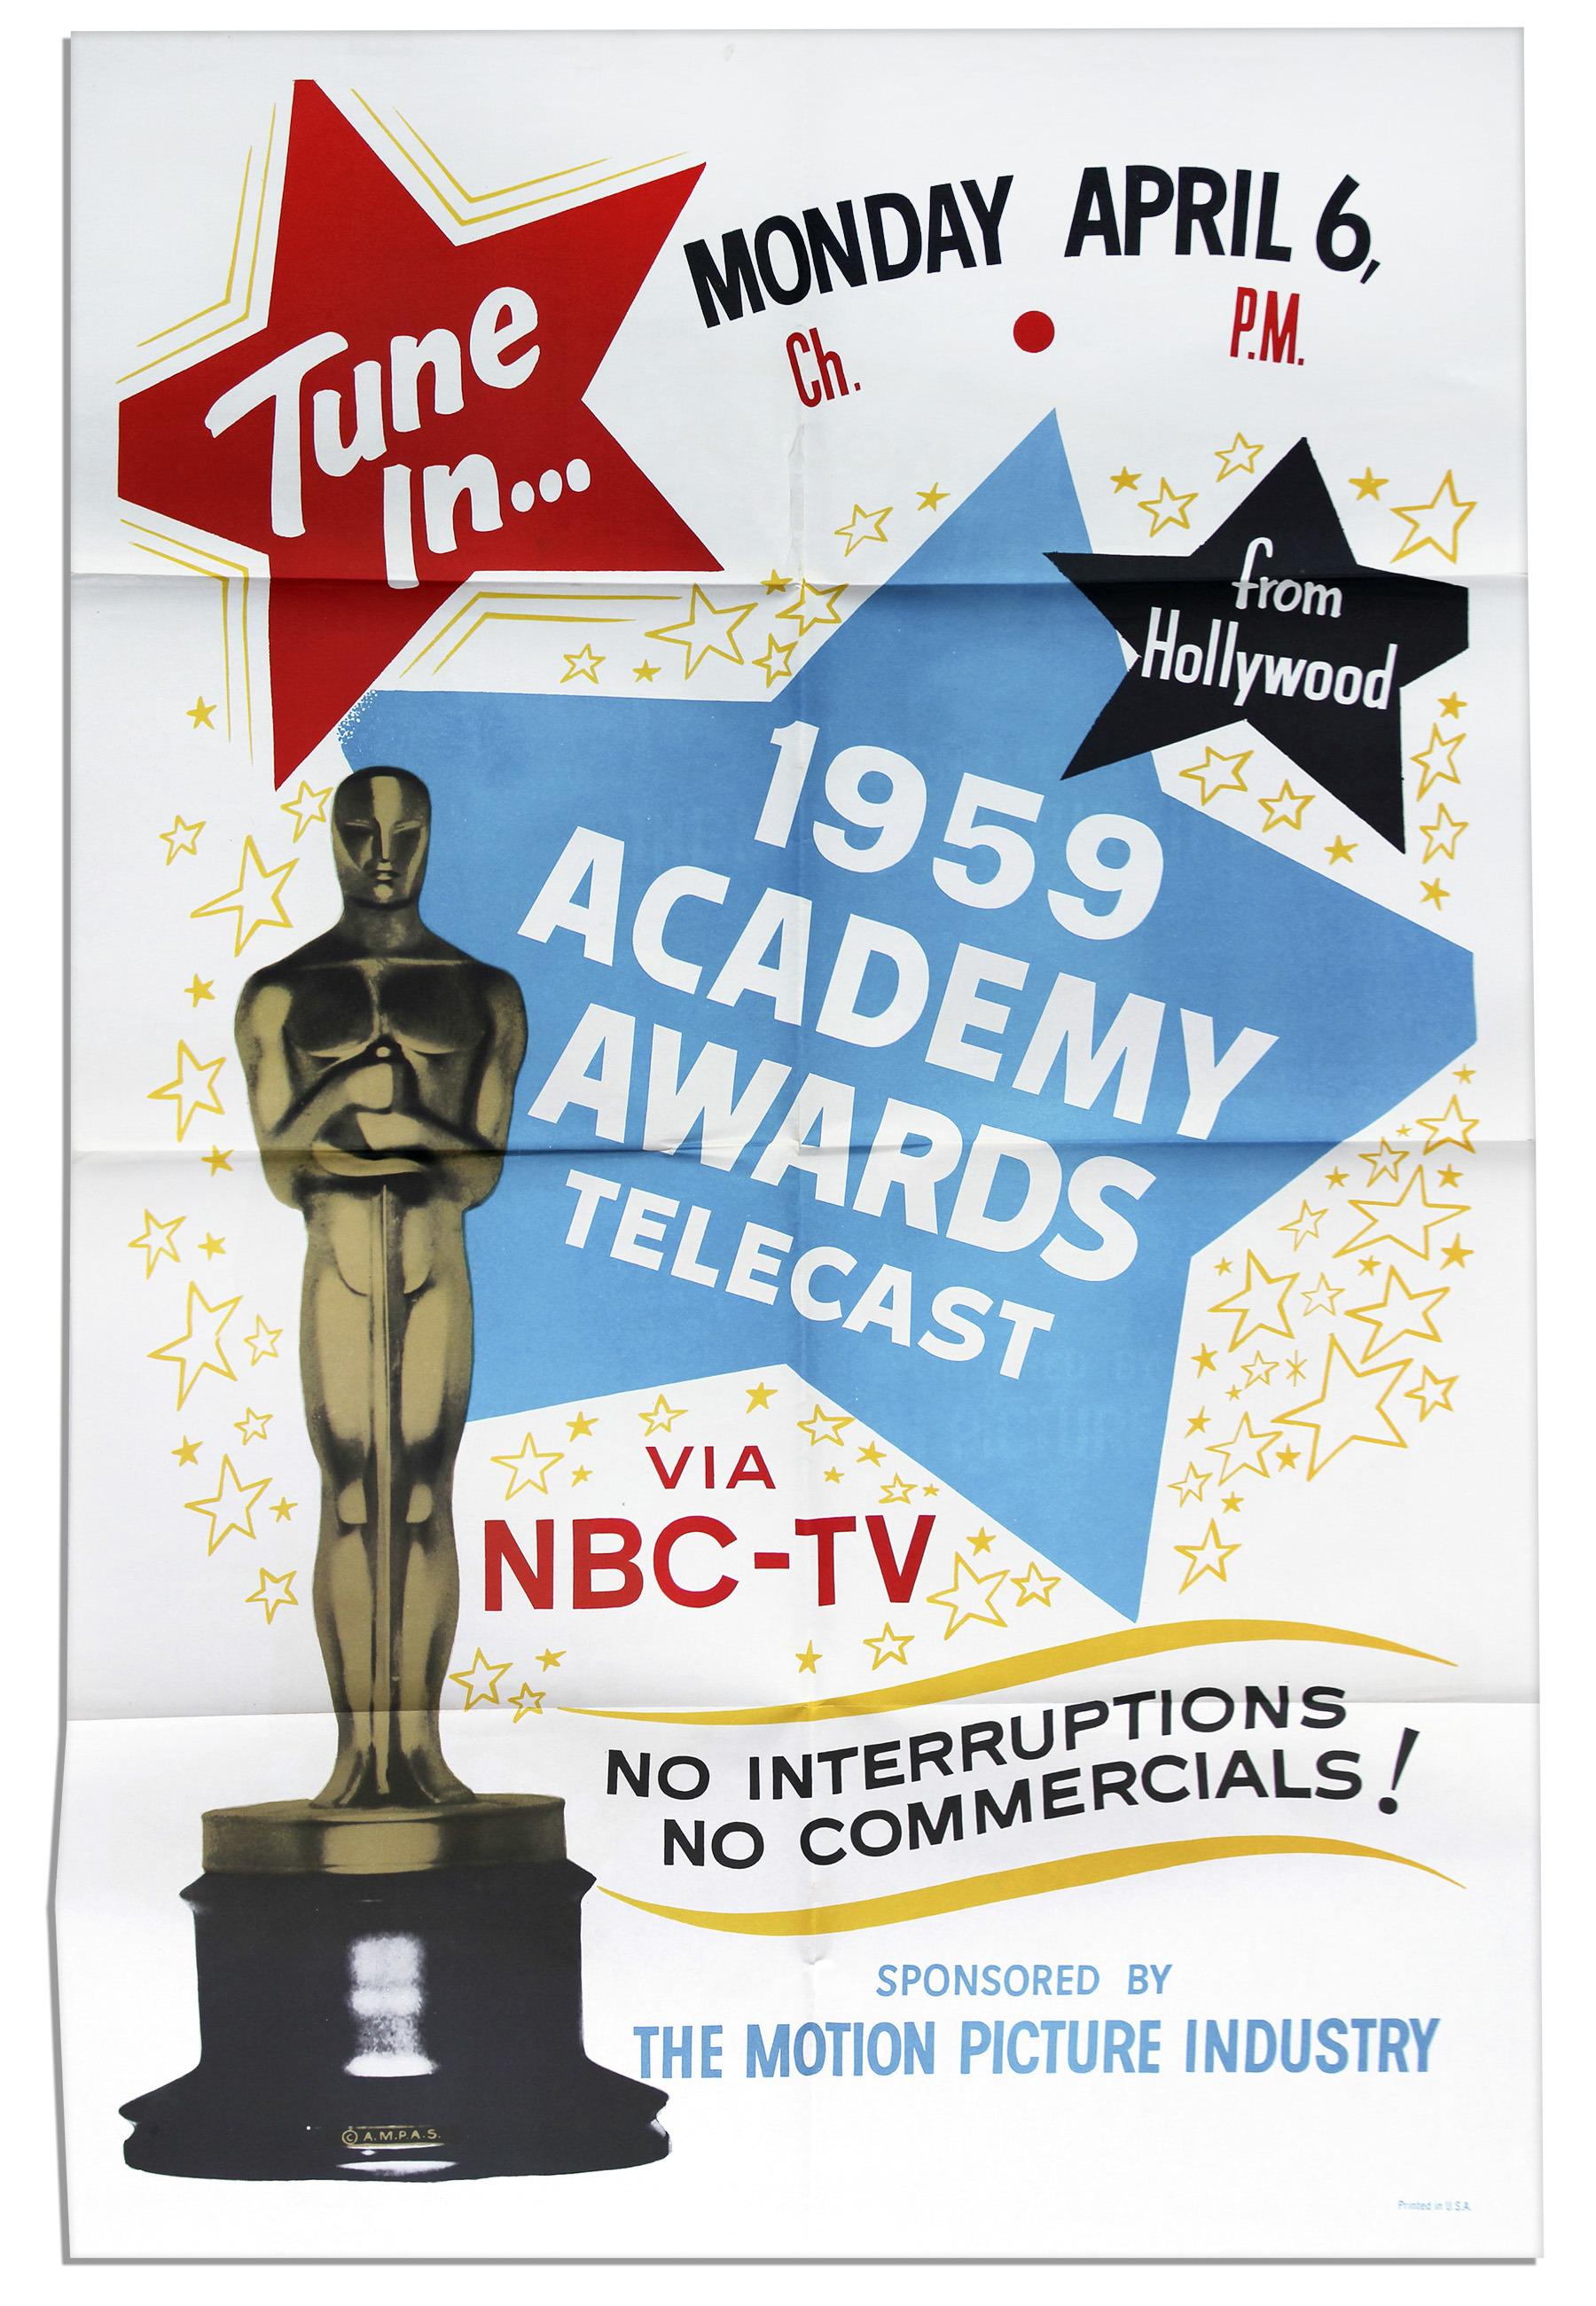 Cartel de de los Oscars 1959